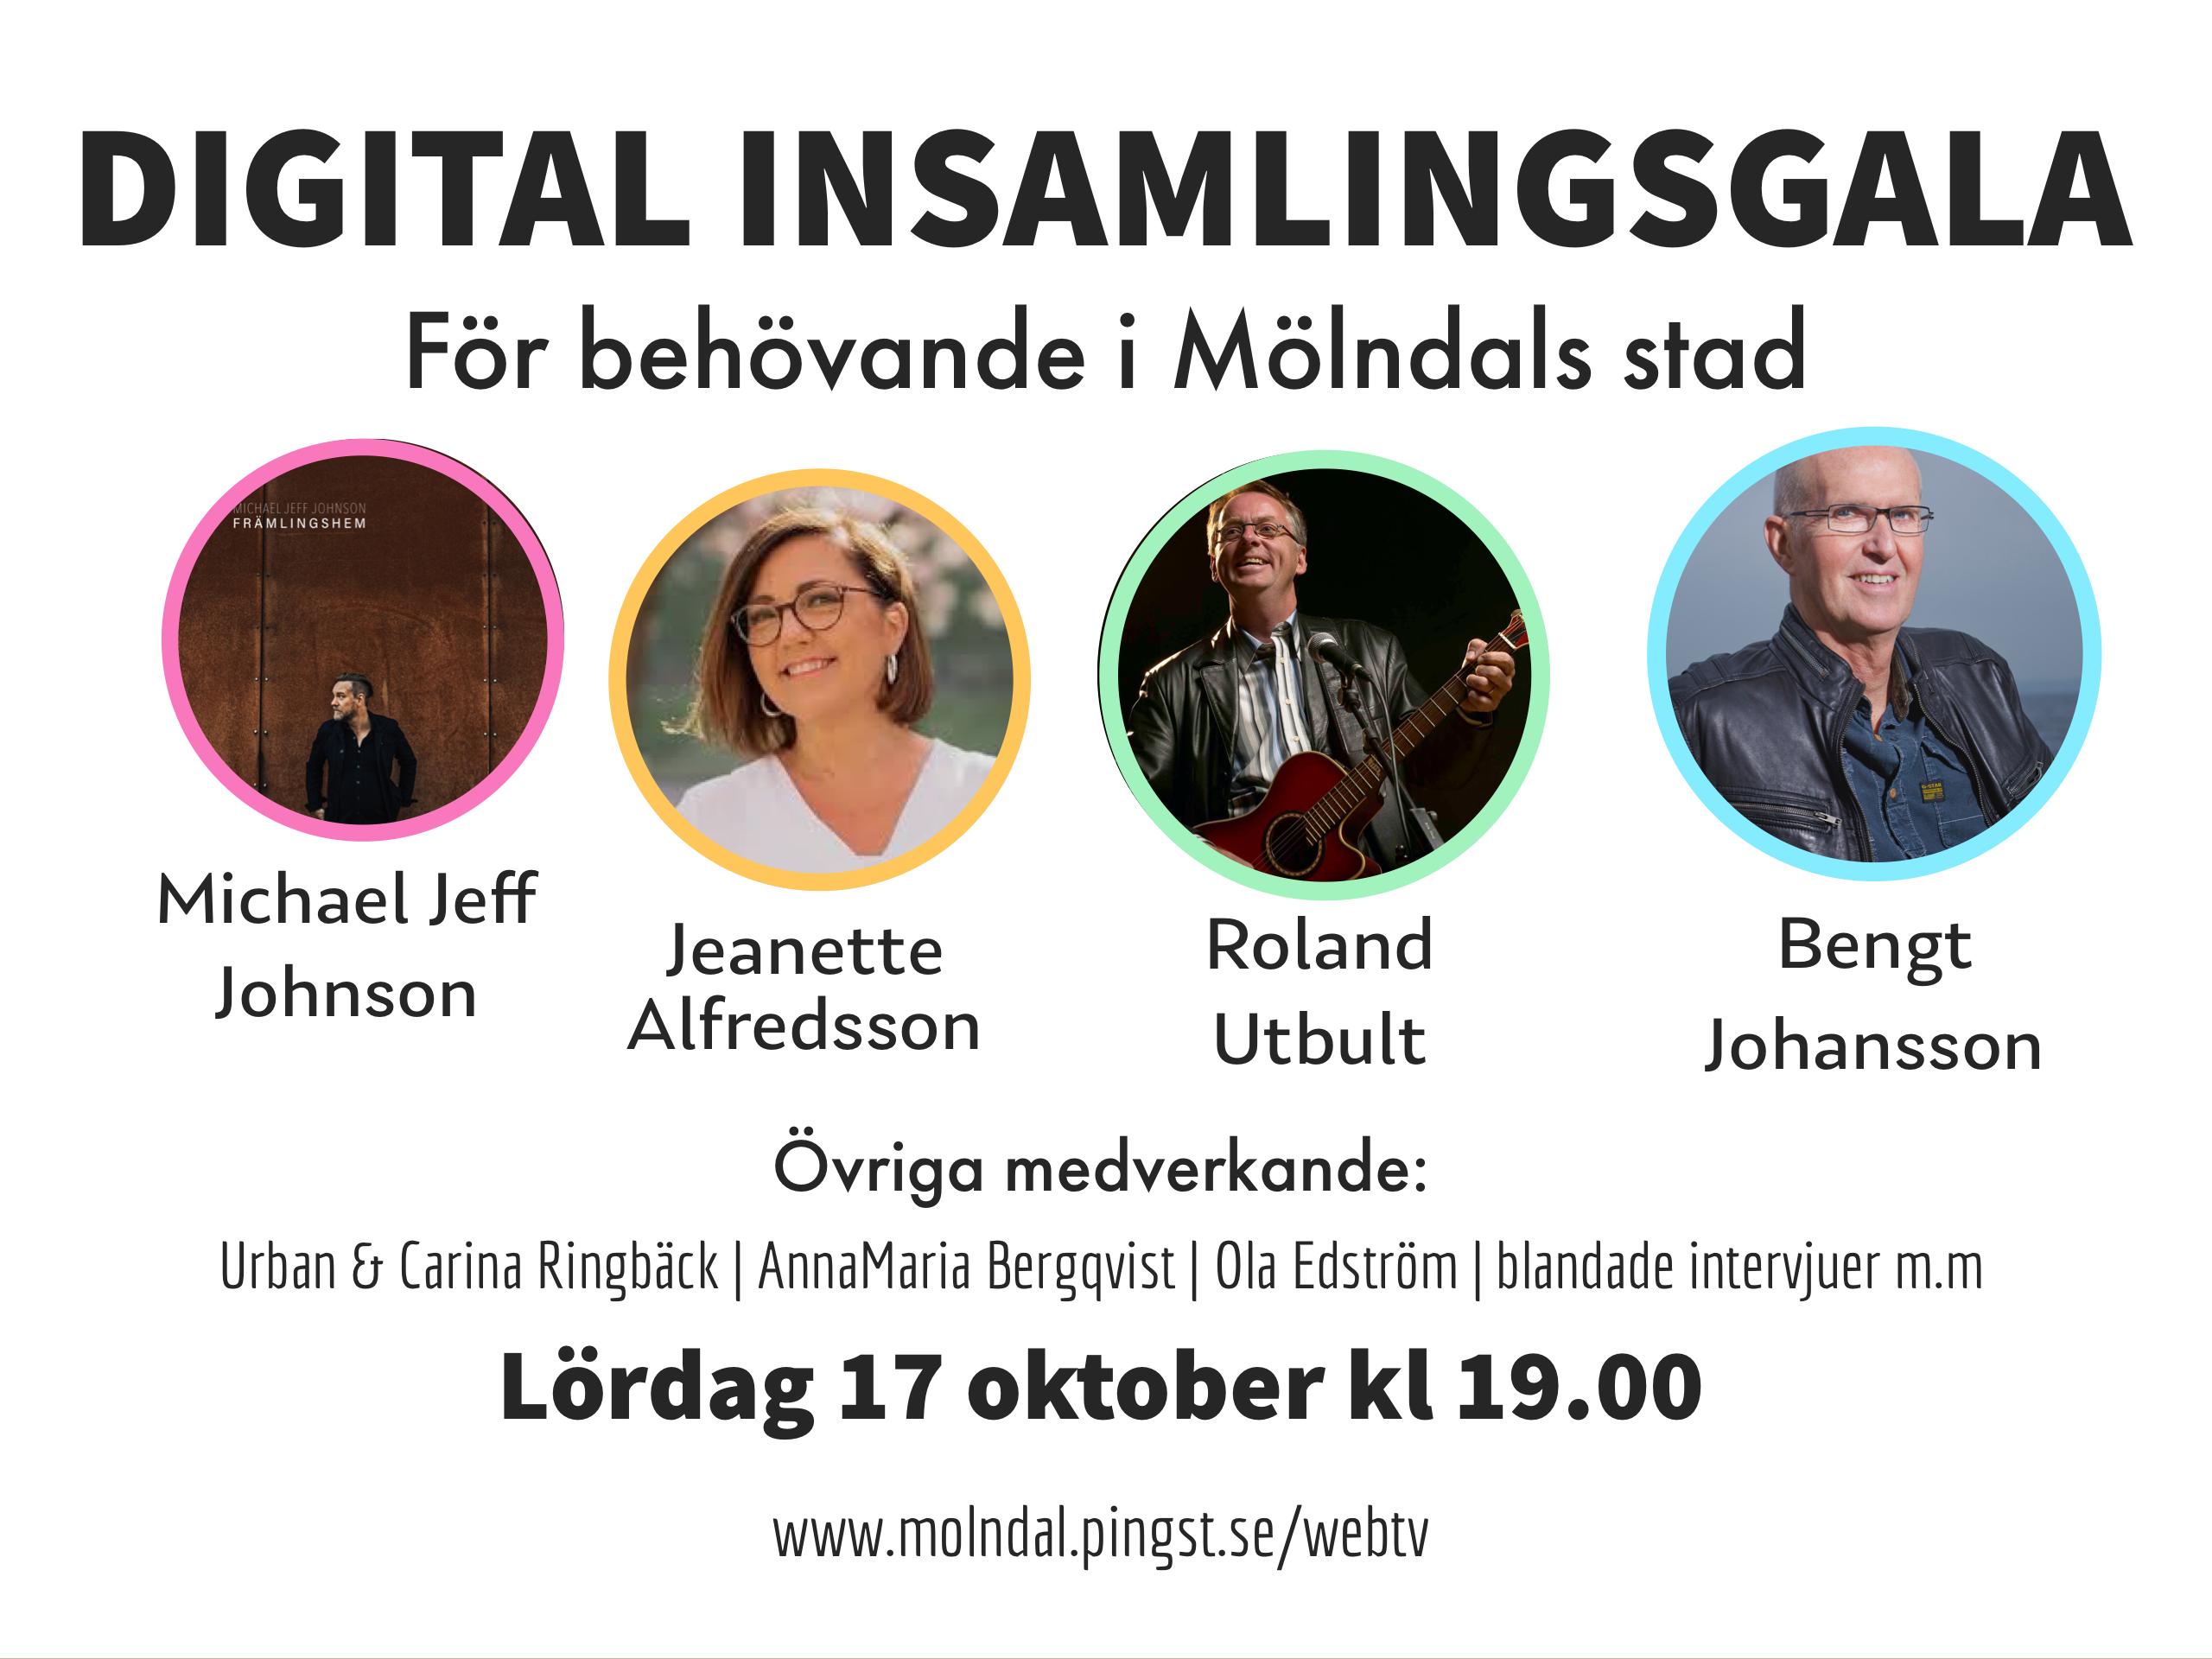 Lördag 17 okt kl 19.00 – Digital insamlingsgala för behövande i Mölndals Stad